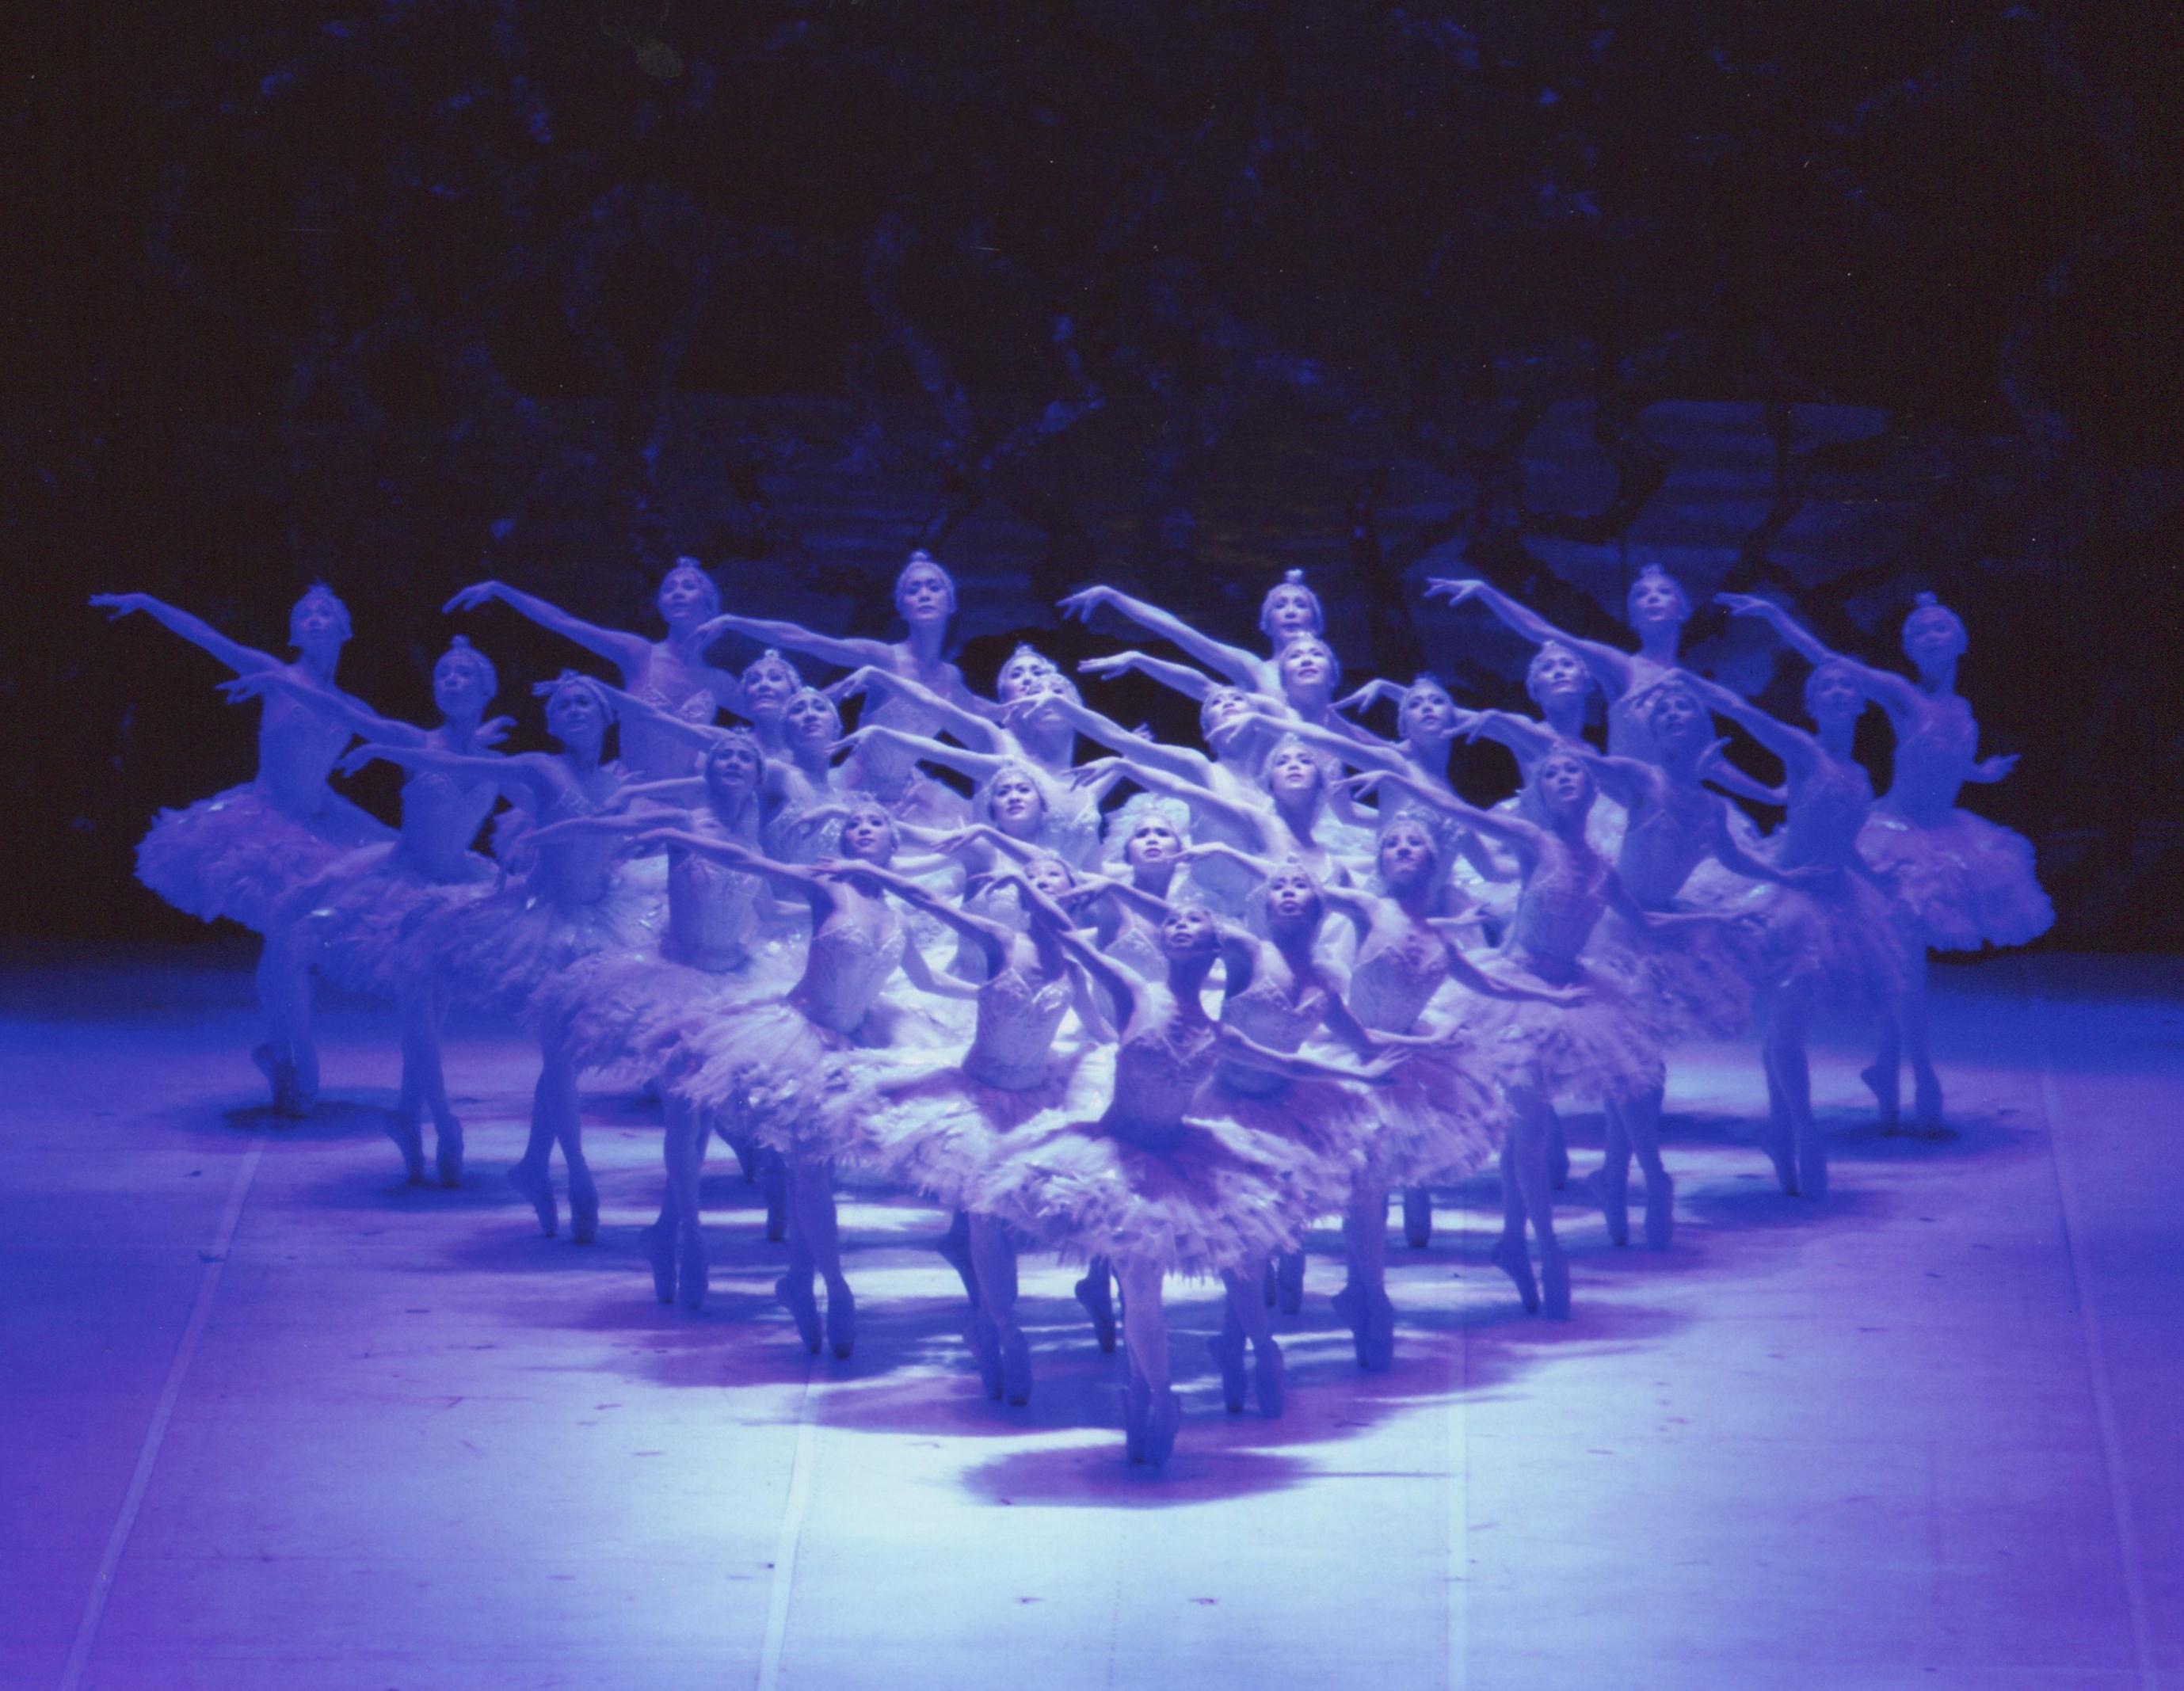 松山バレエ団新春公演 新「白鳥の湖」の画像